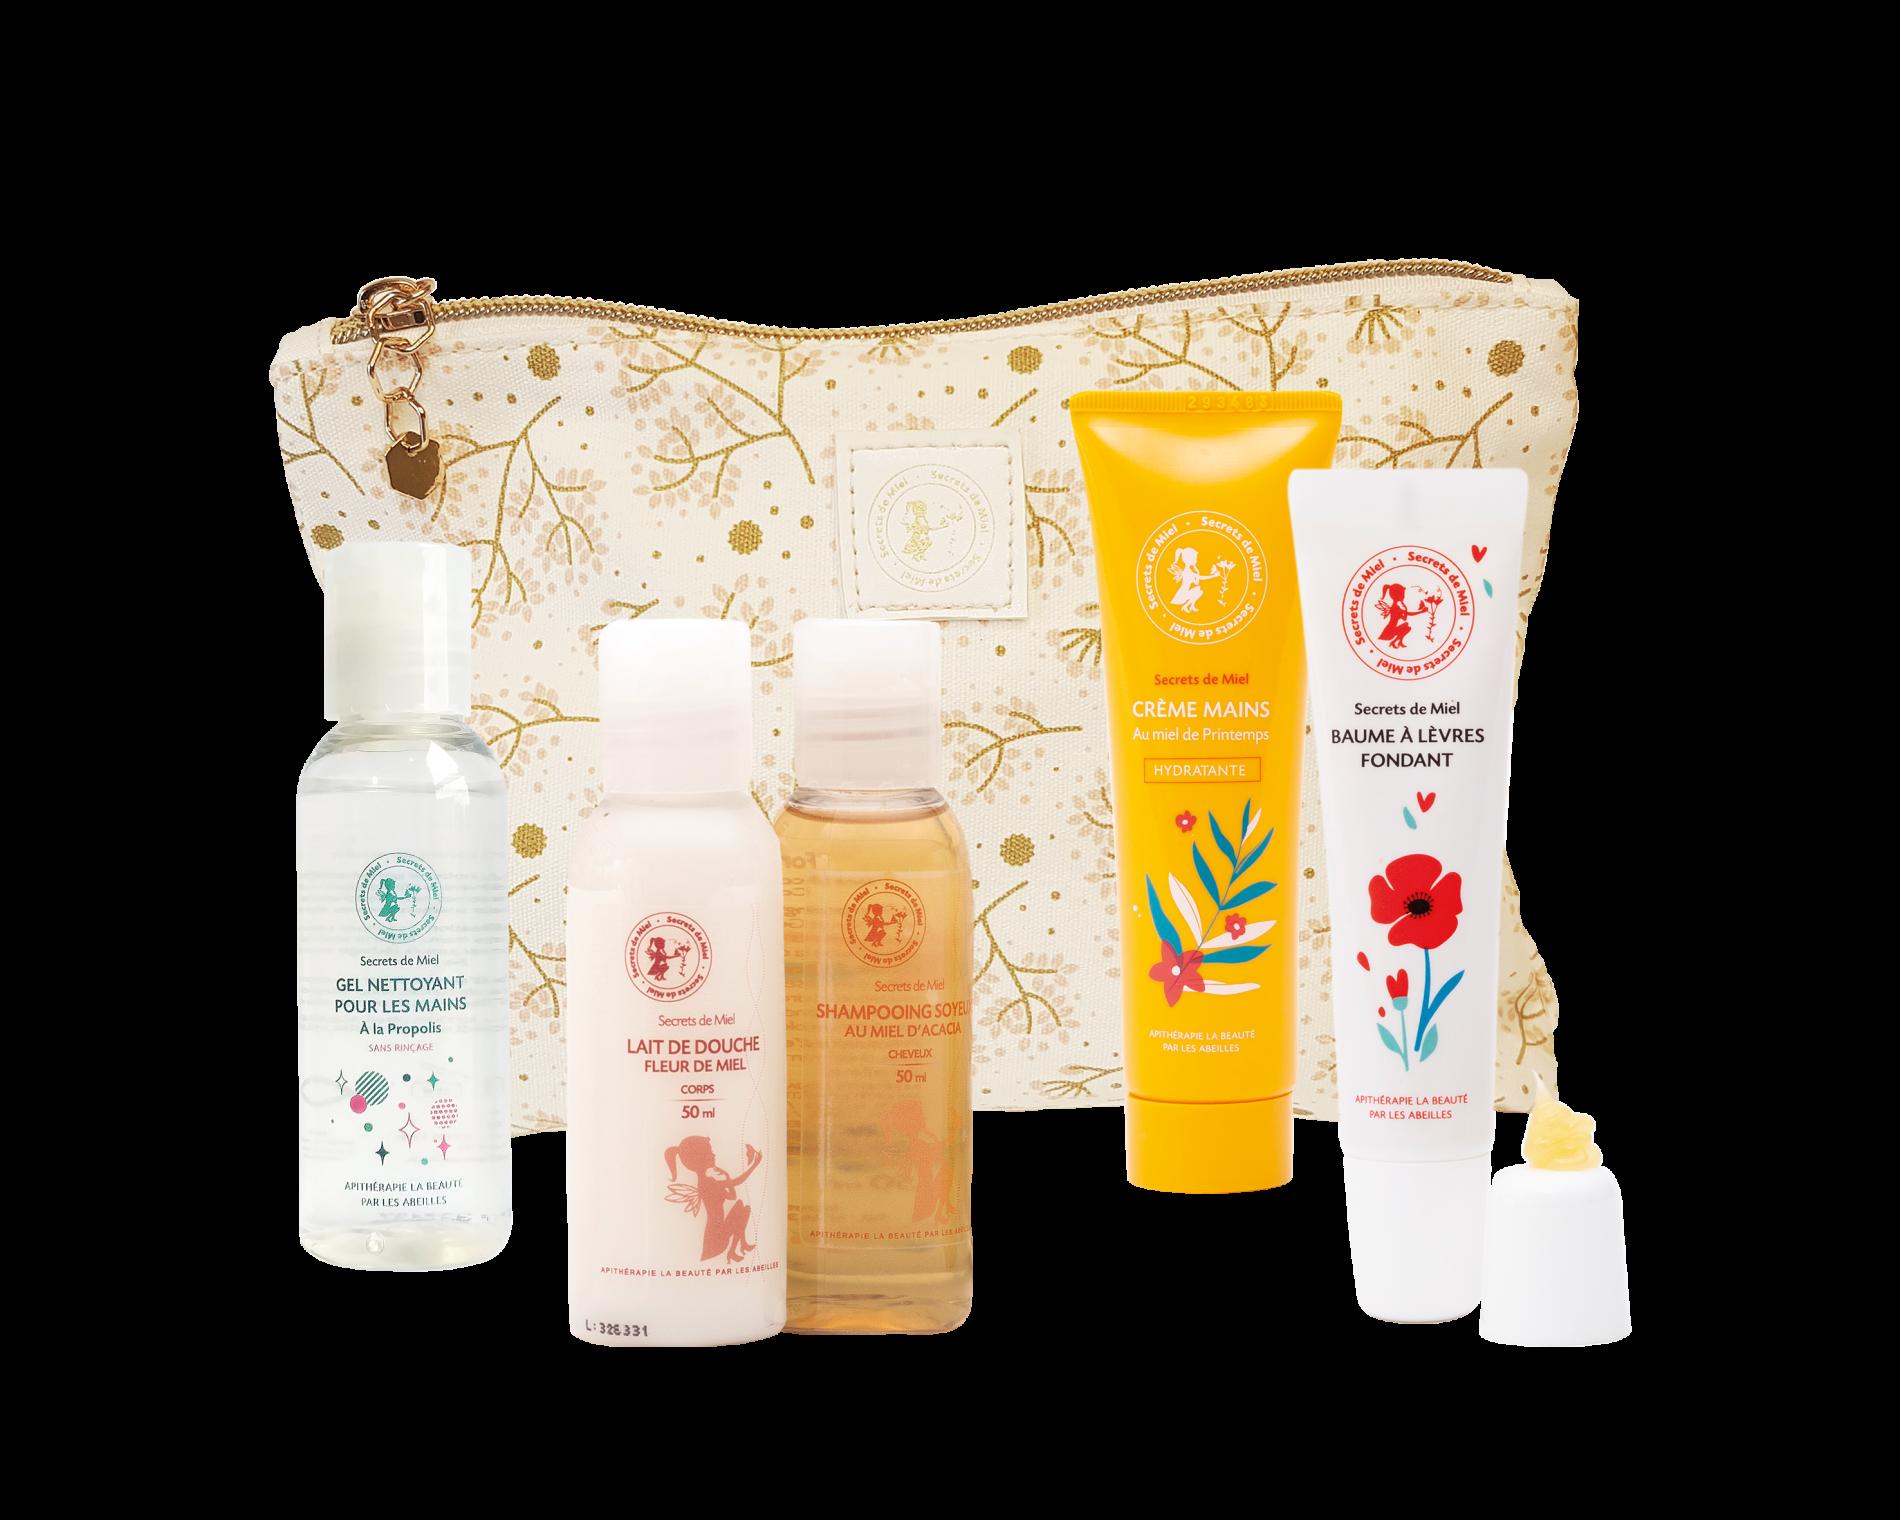 trousse de voyage - essentiels de l'été - offre - Secrets de Miel - apithérapie - cosmétiques naturels - fabriqué en France